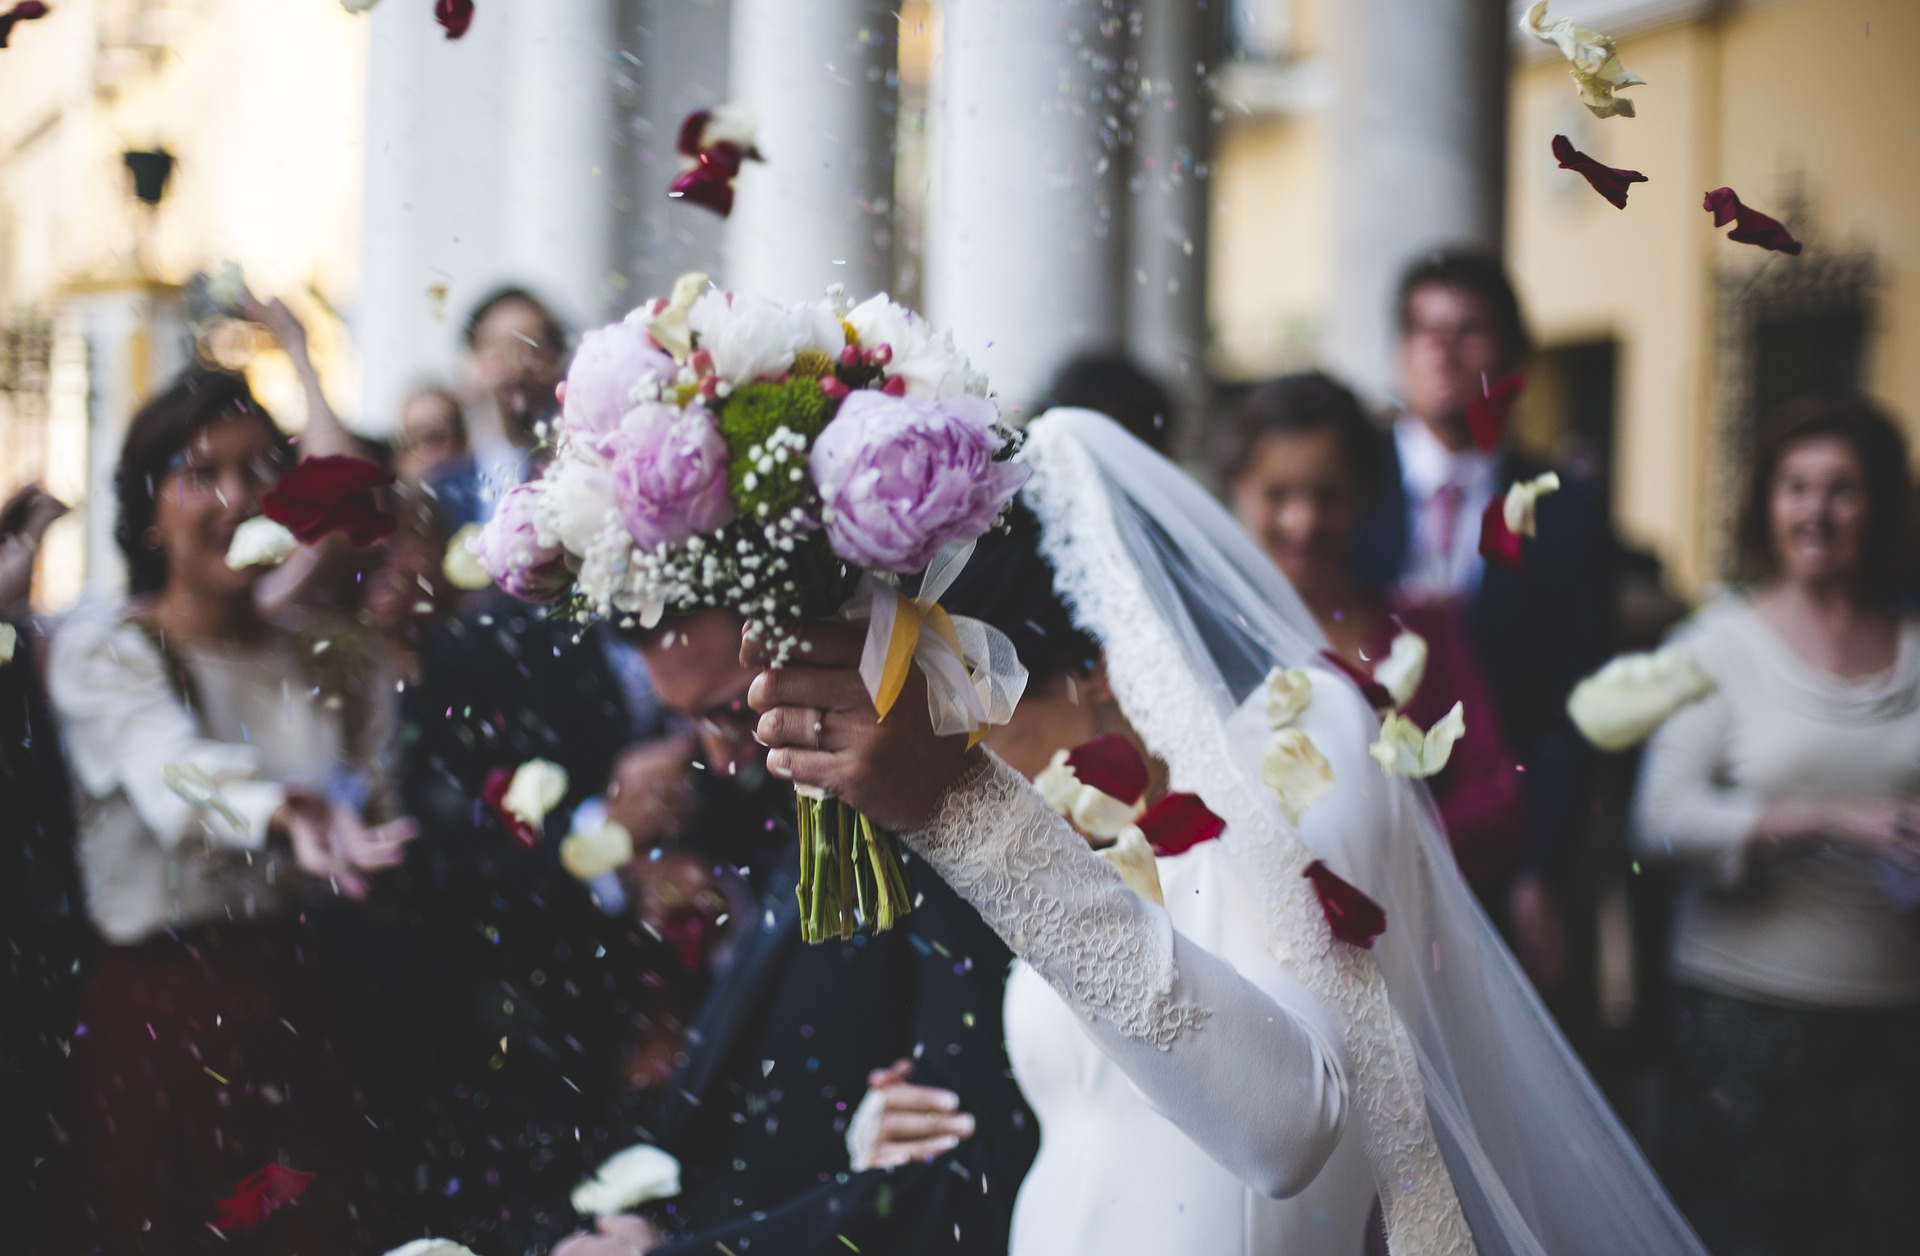 Co kupić nowożeńcom? Prezenty na ślub